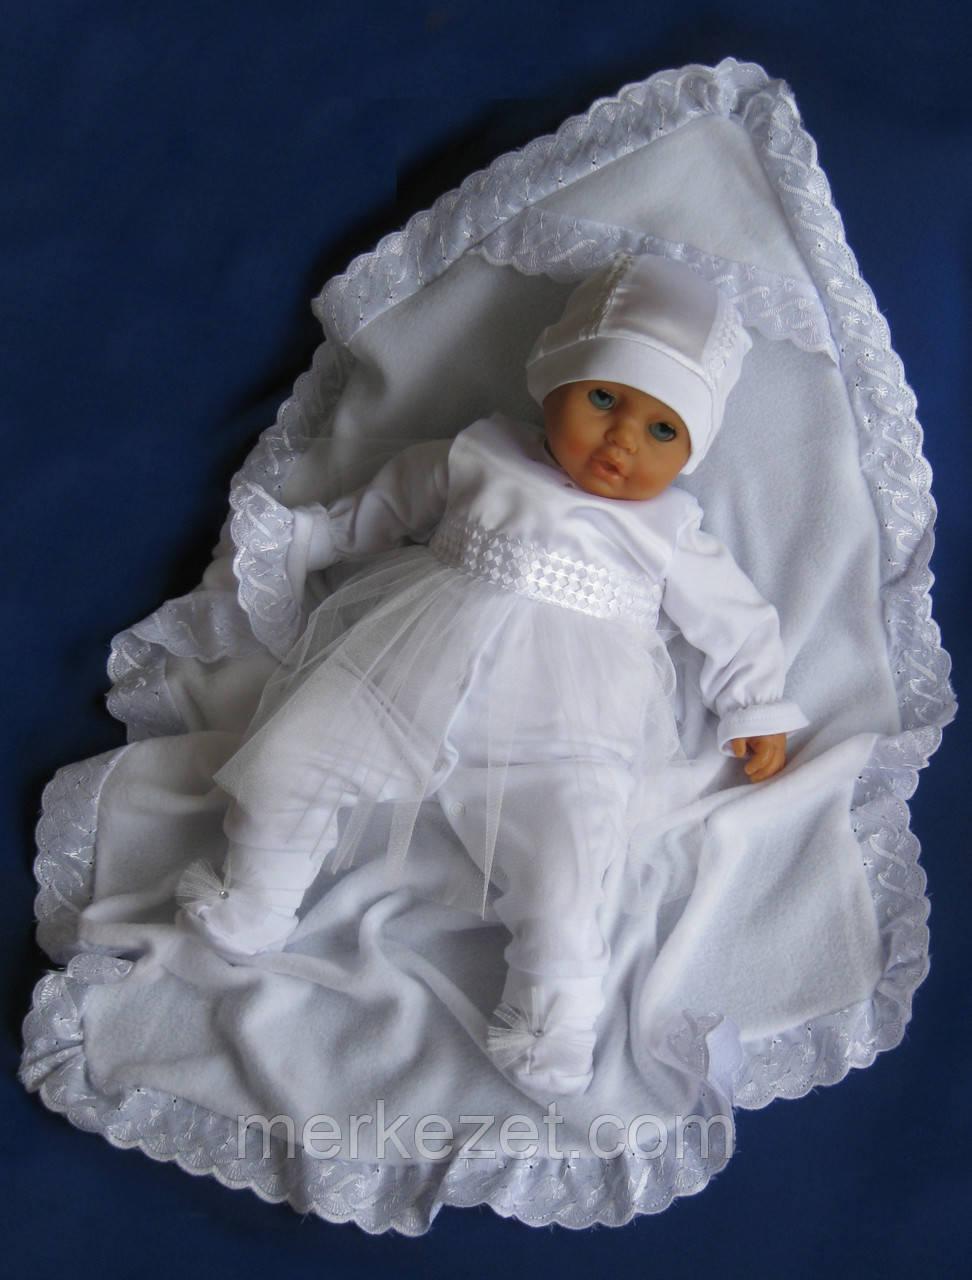 """Крещение. Крыжма """"Снежинка"""". Полотенце для крещение ребенка. Уголок"""